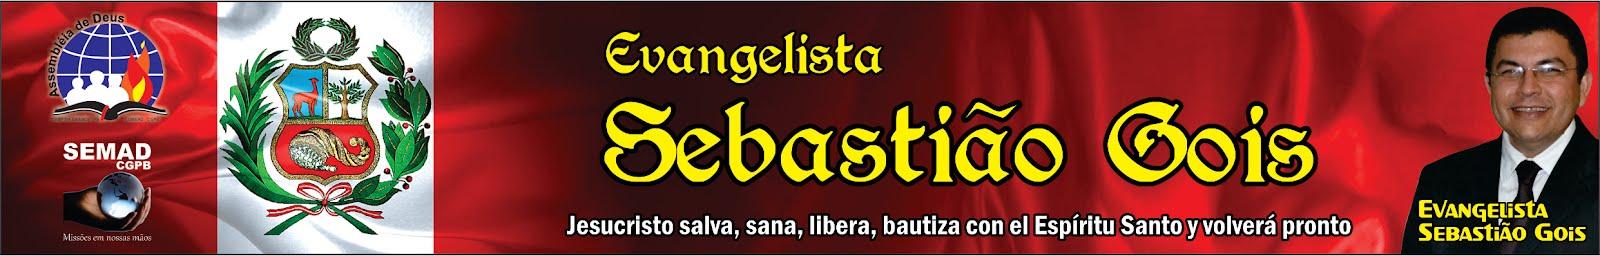 Evangelista Sebastião Gois